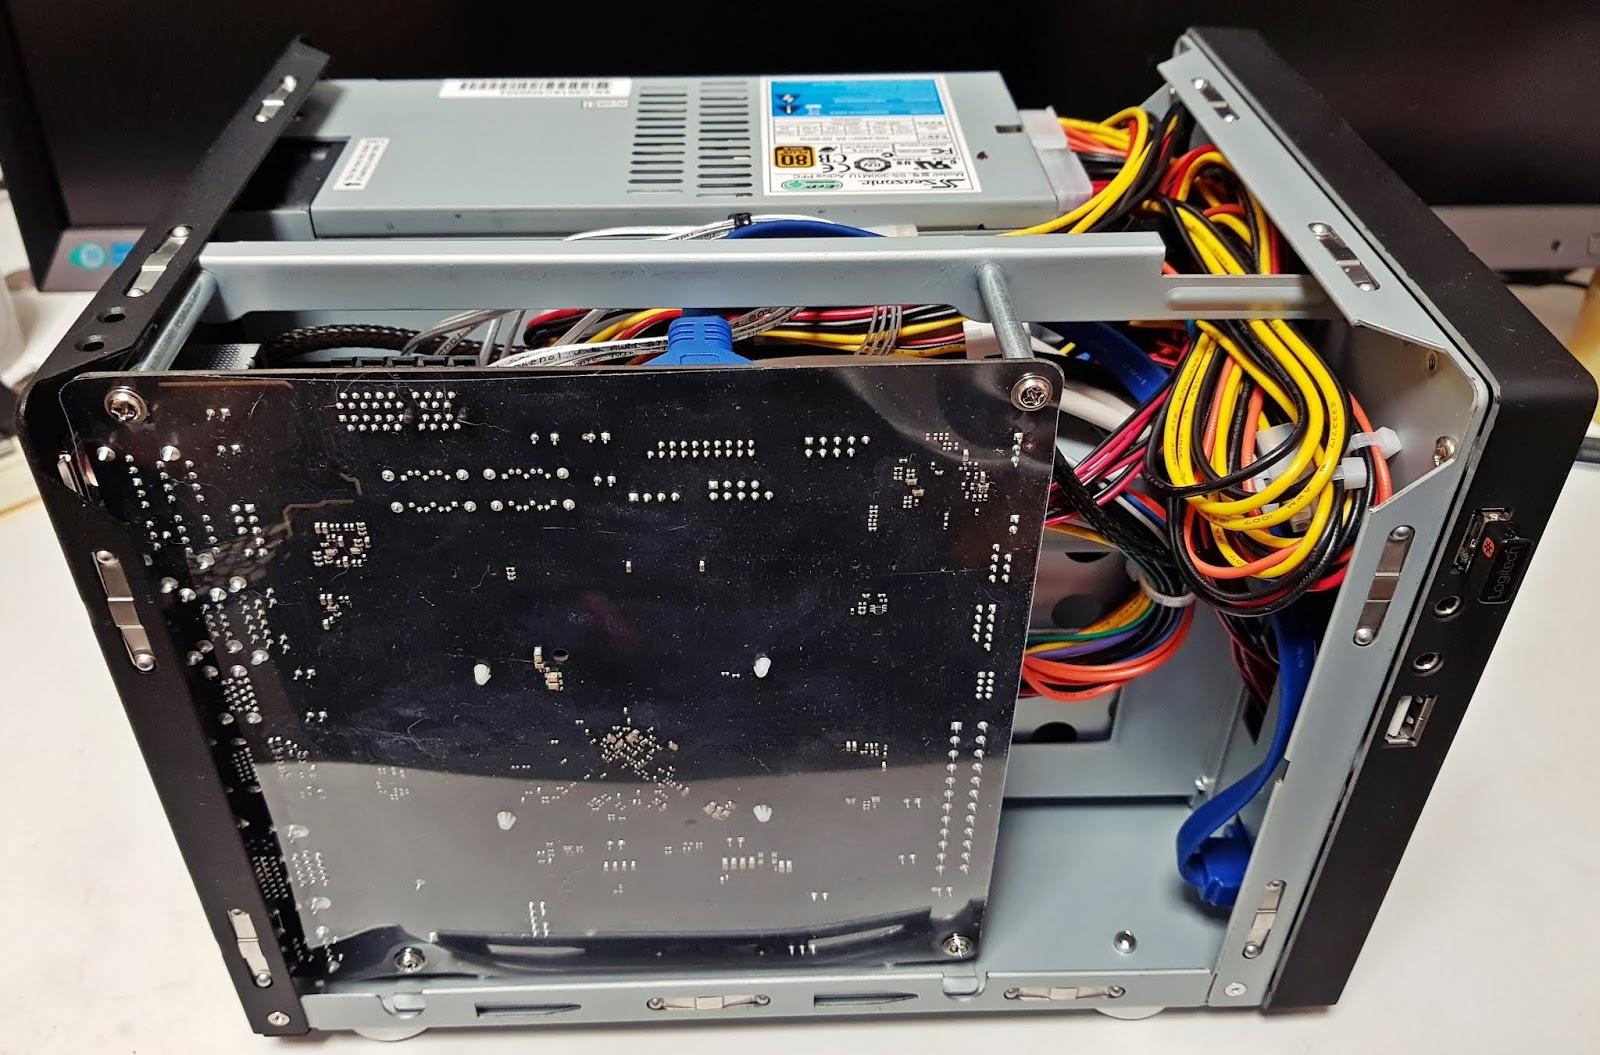 풀반지 블로그: J5005 자작 NAS 사용기 (Asrock J5005-ITX, U-NAS NSC